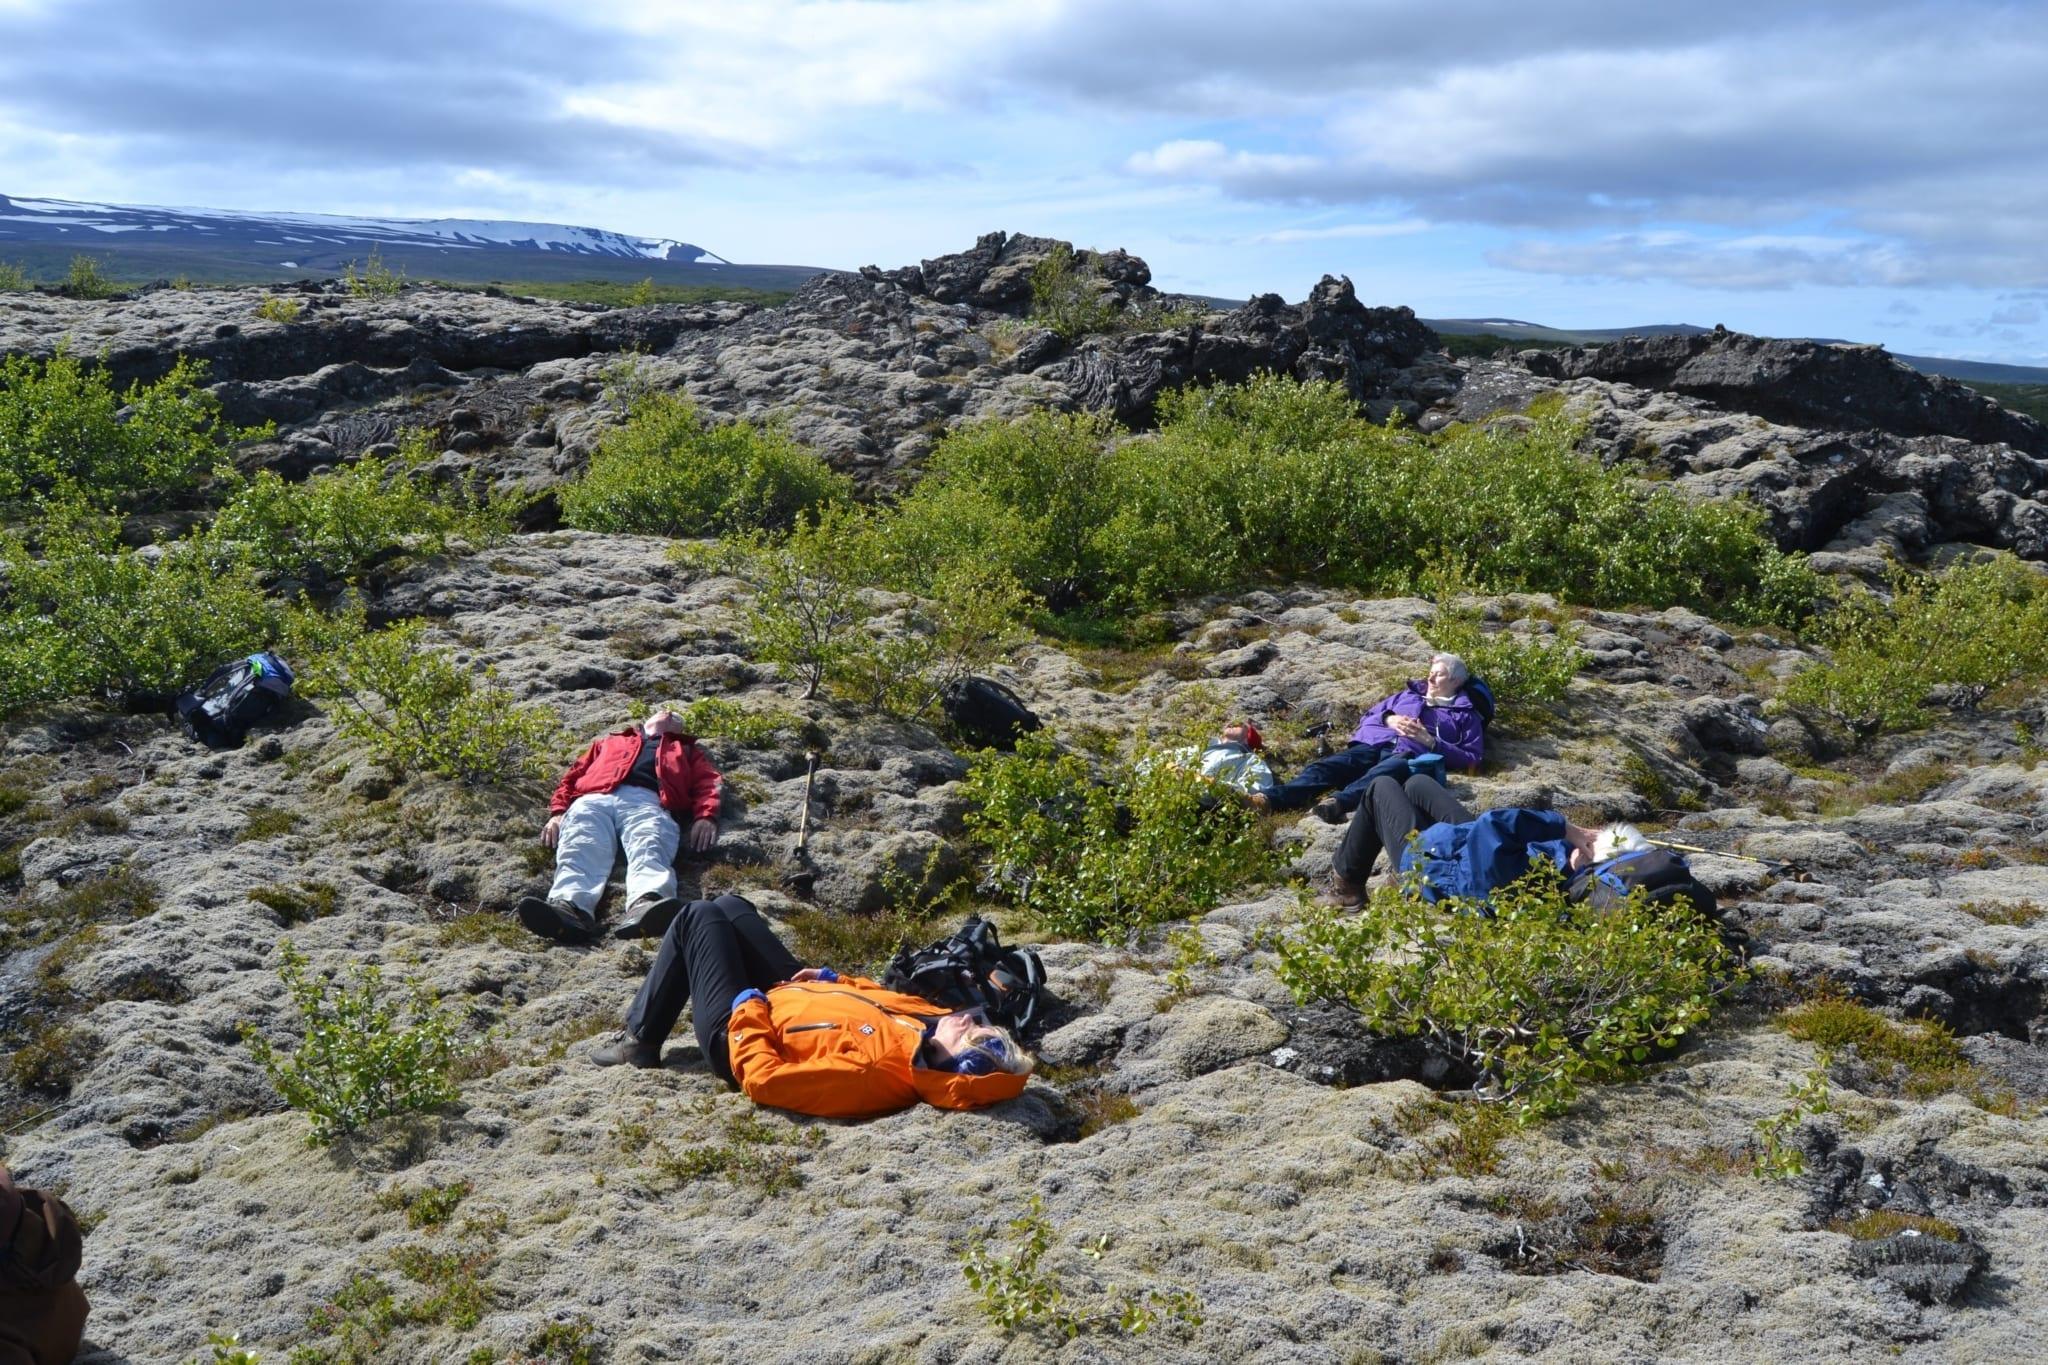 Gemütlich geht es in unseren Gruppenreisen zu. Foto: Hörður Erlingsson